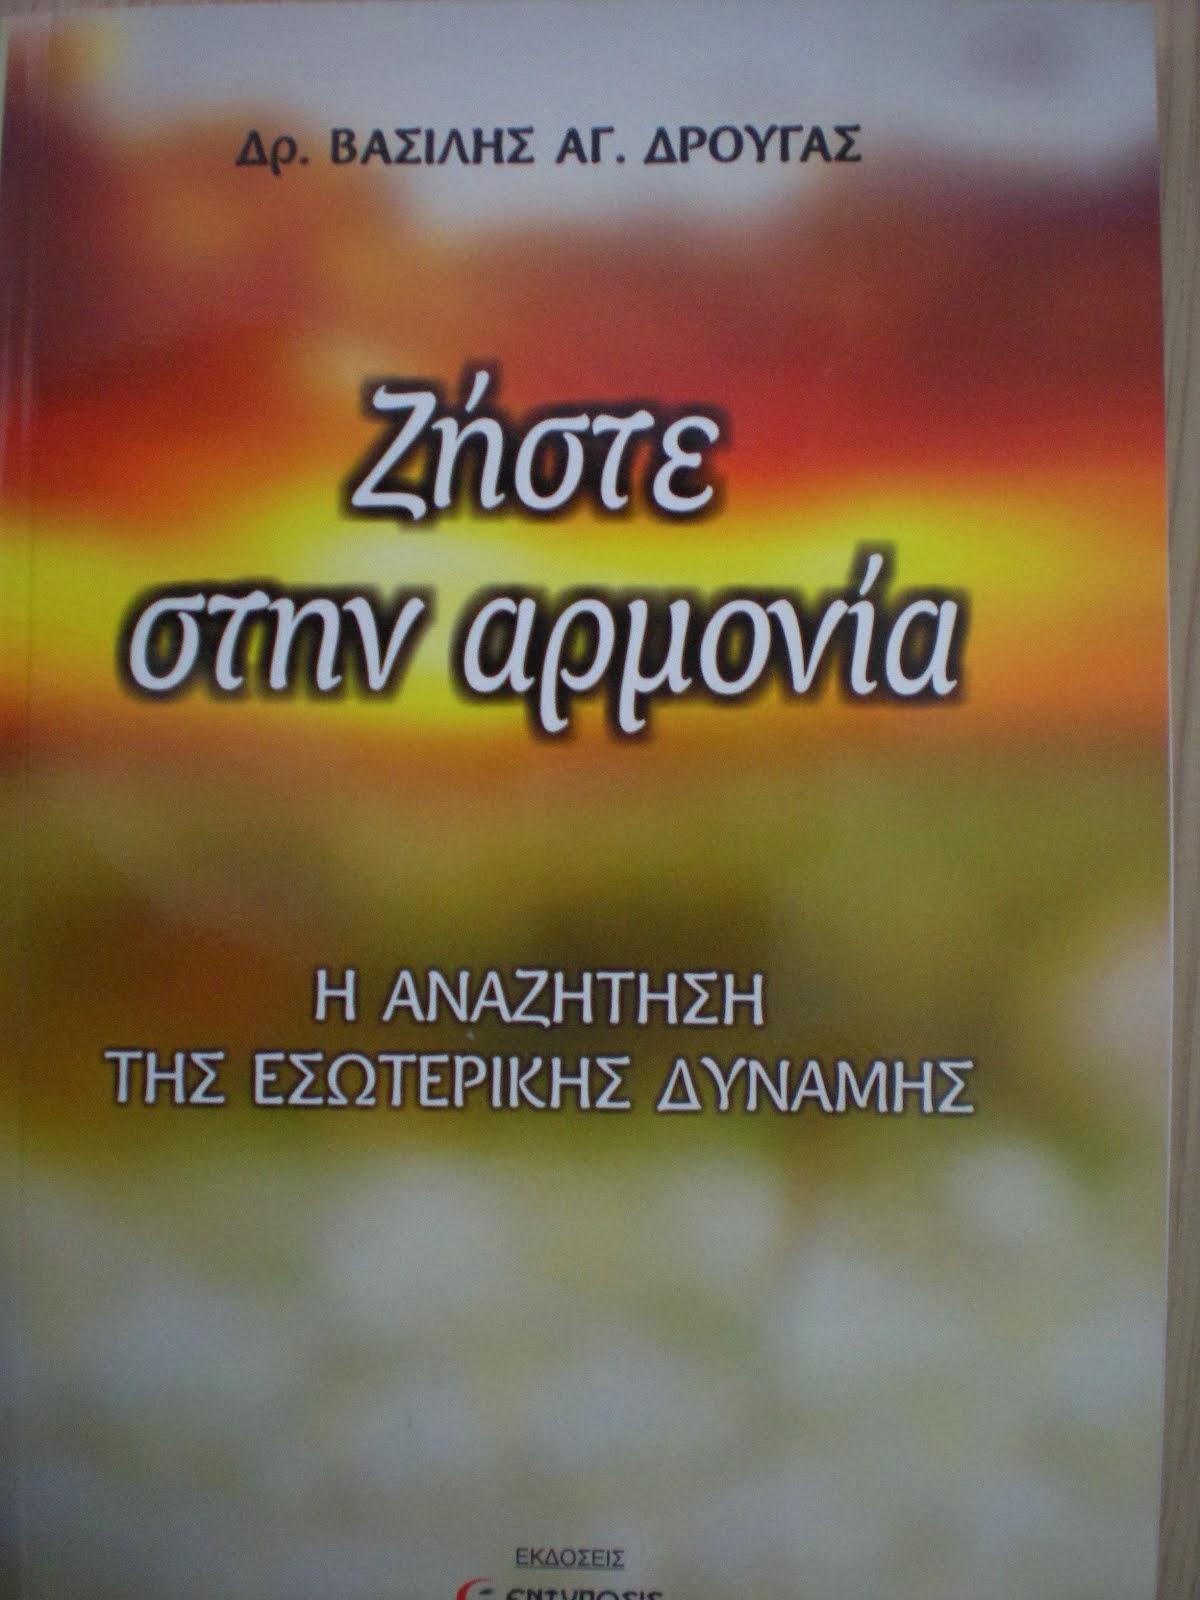 Κυκλοφορεί το Νέο μου Βιβλίο ΖΗΣΤΕ ΣΤΗΝ ΑΡΜΟΝΙΑ Εκδόσεις ΕΝΤΥΠΩΣΙΣ